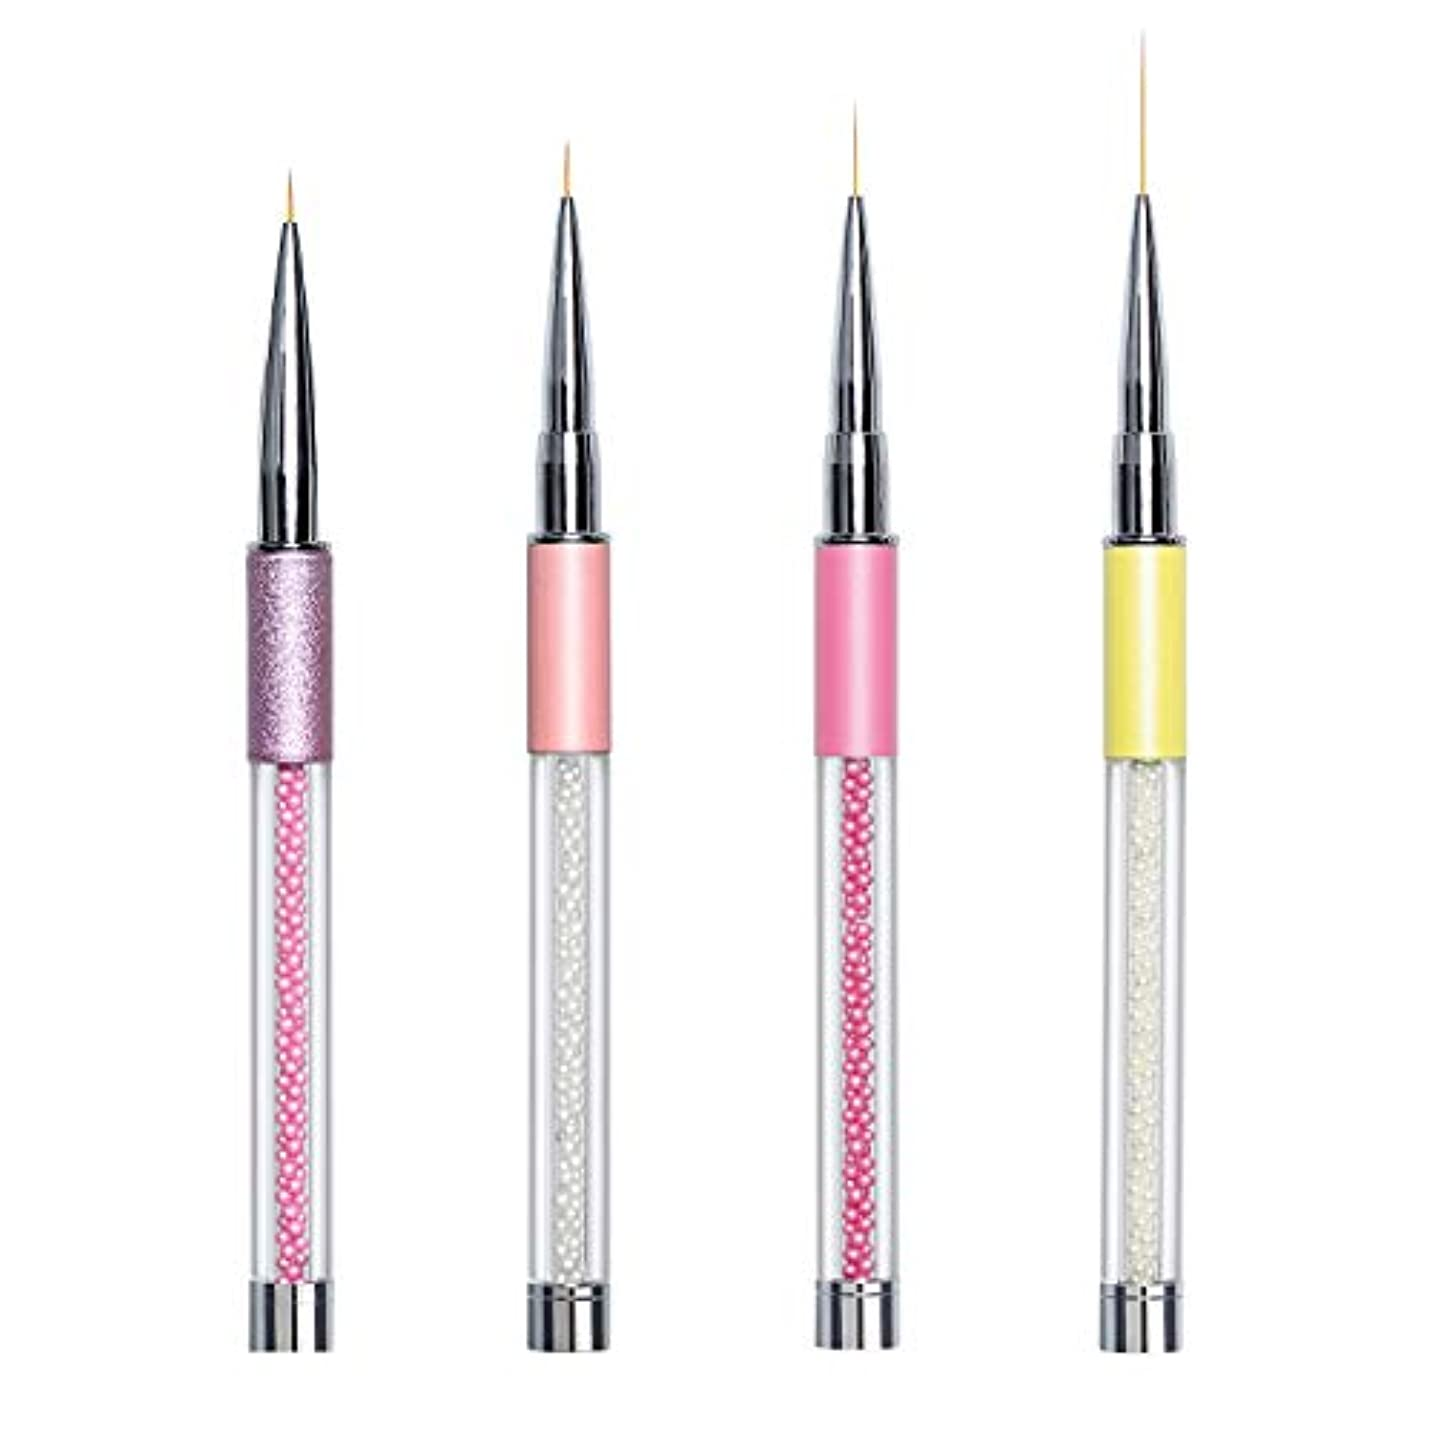 手当知覚的あたたかいZhichengbosi ネールアートペン ネールブラシセット マニキュアツールキット 高品質 ネイルデザイン ドットペン 4本セット(細いセット)